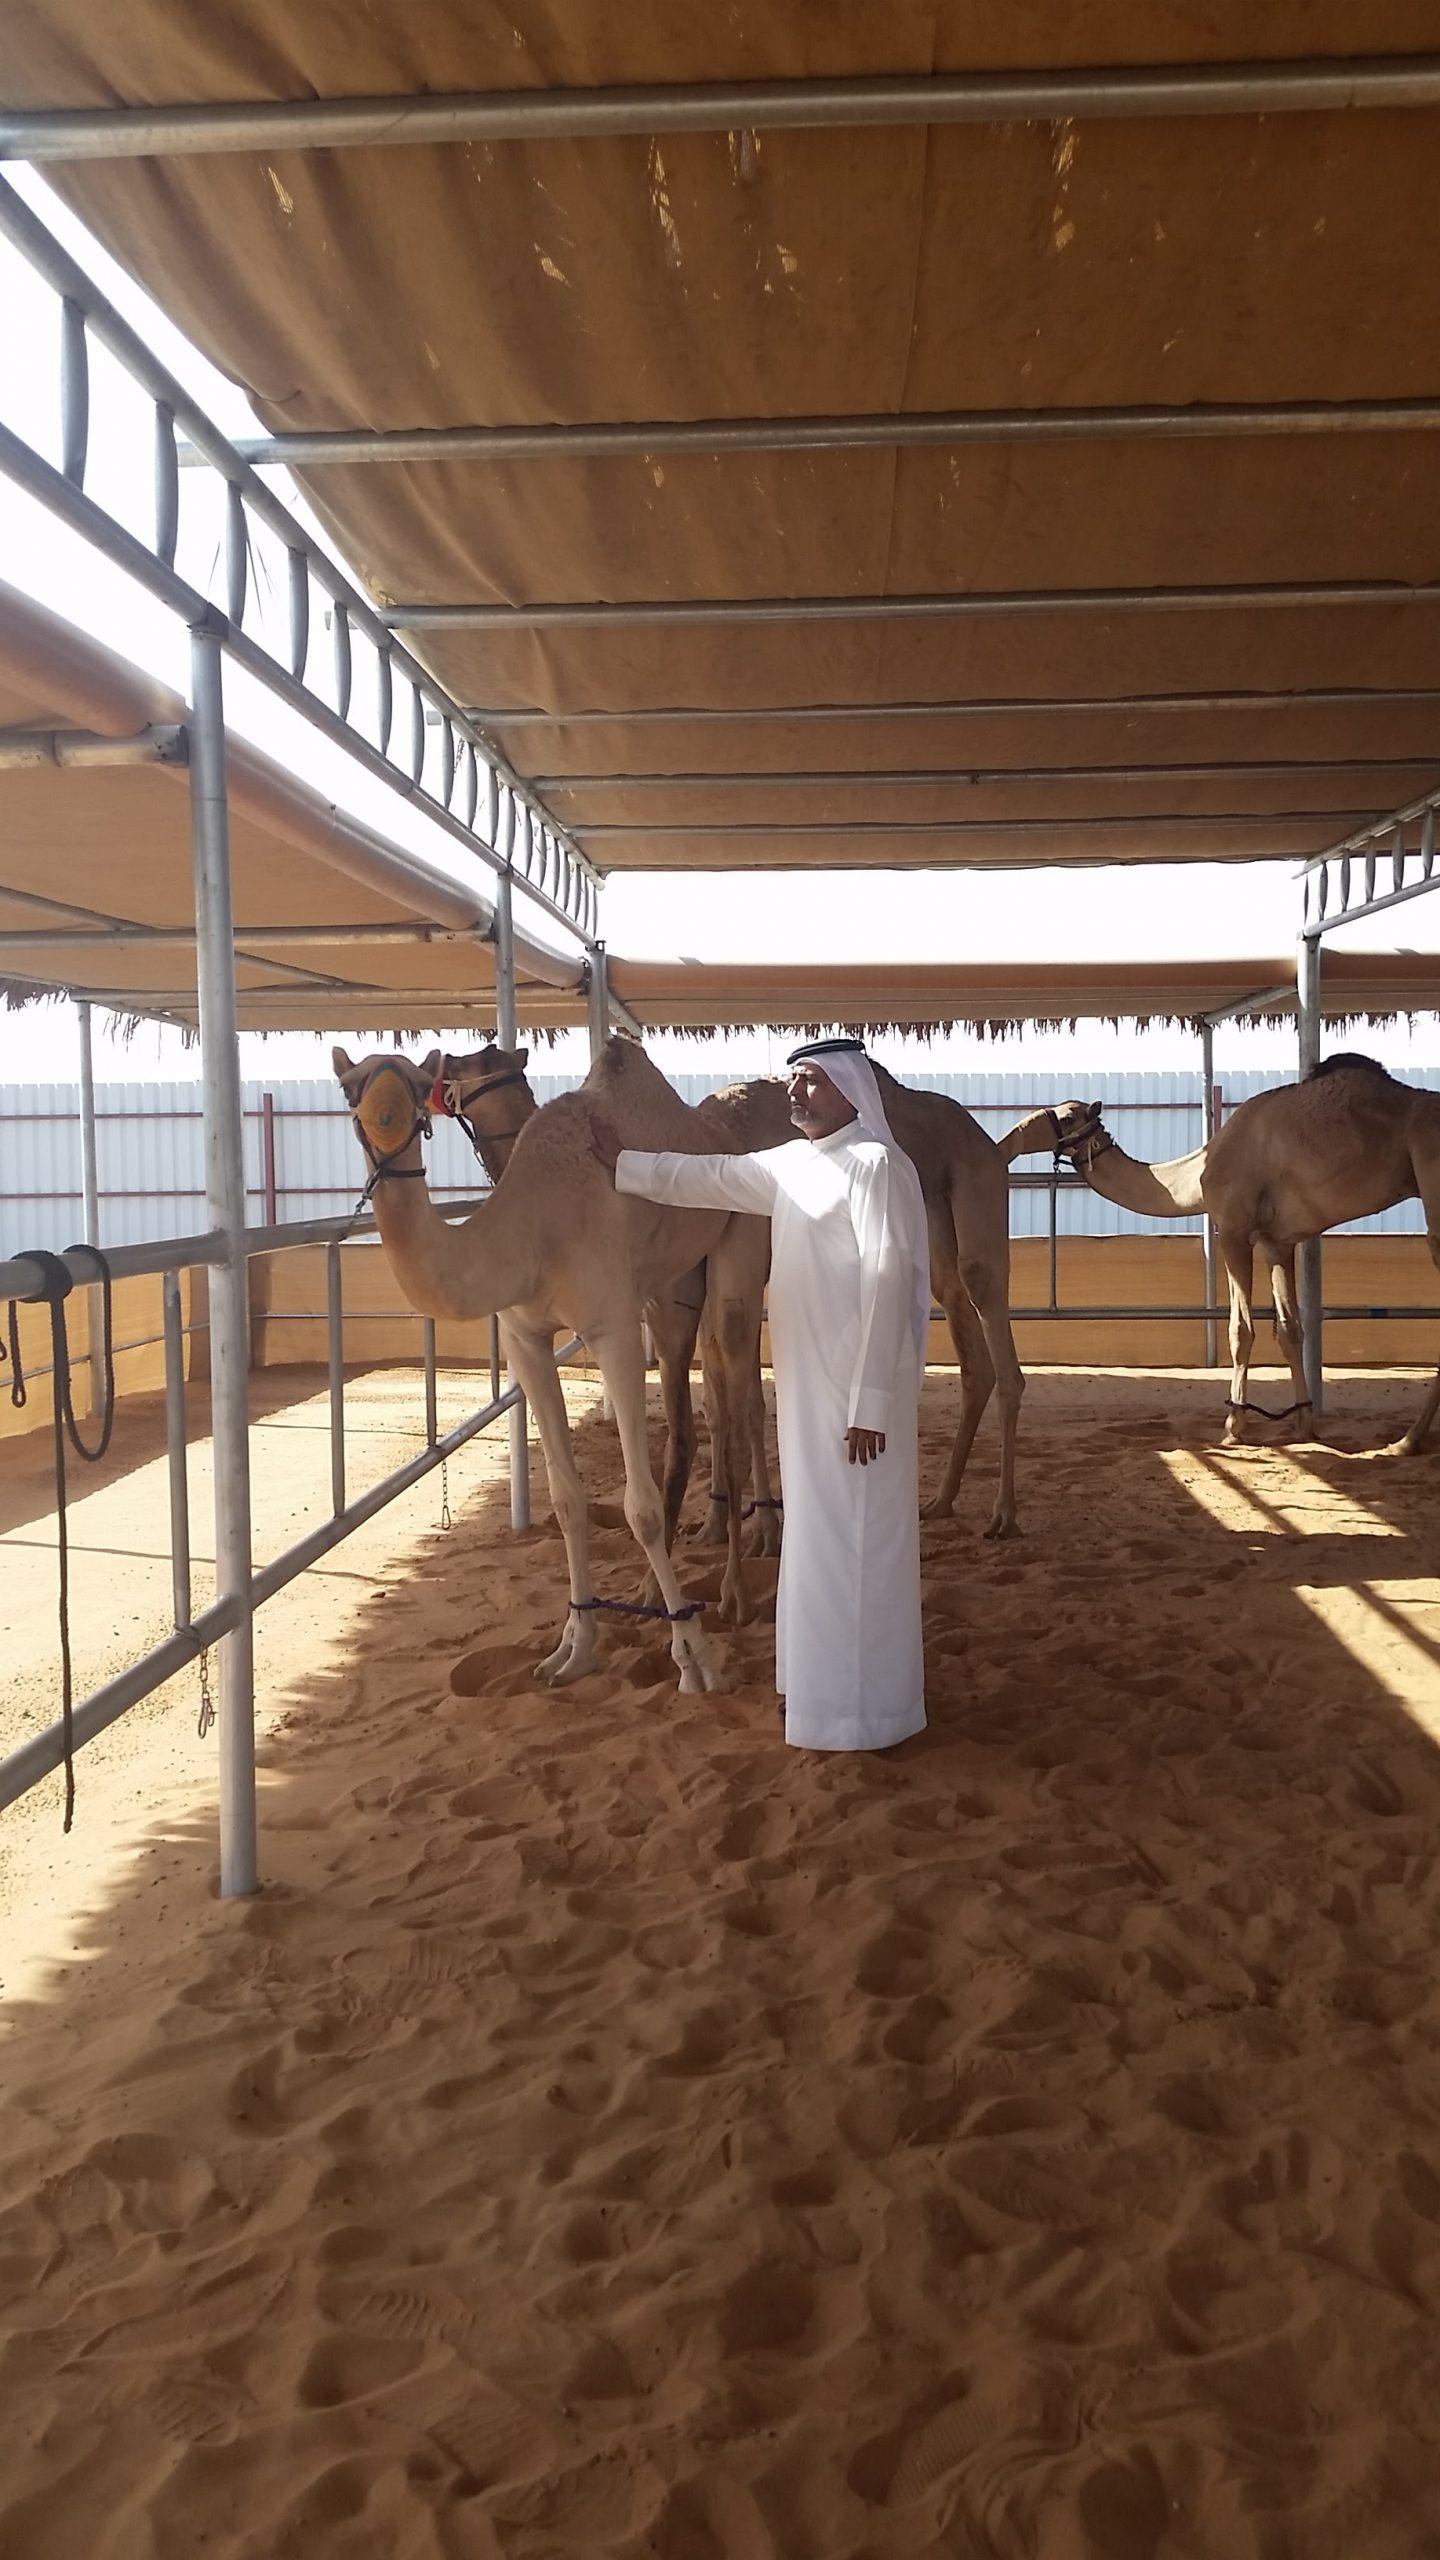 Skins IR- On location Dubai